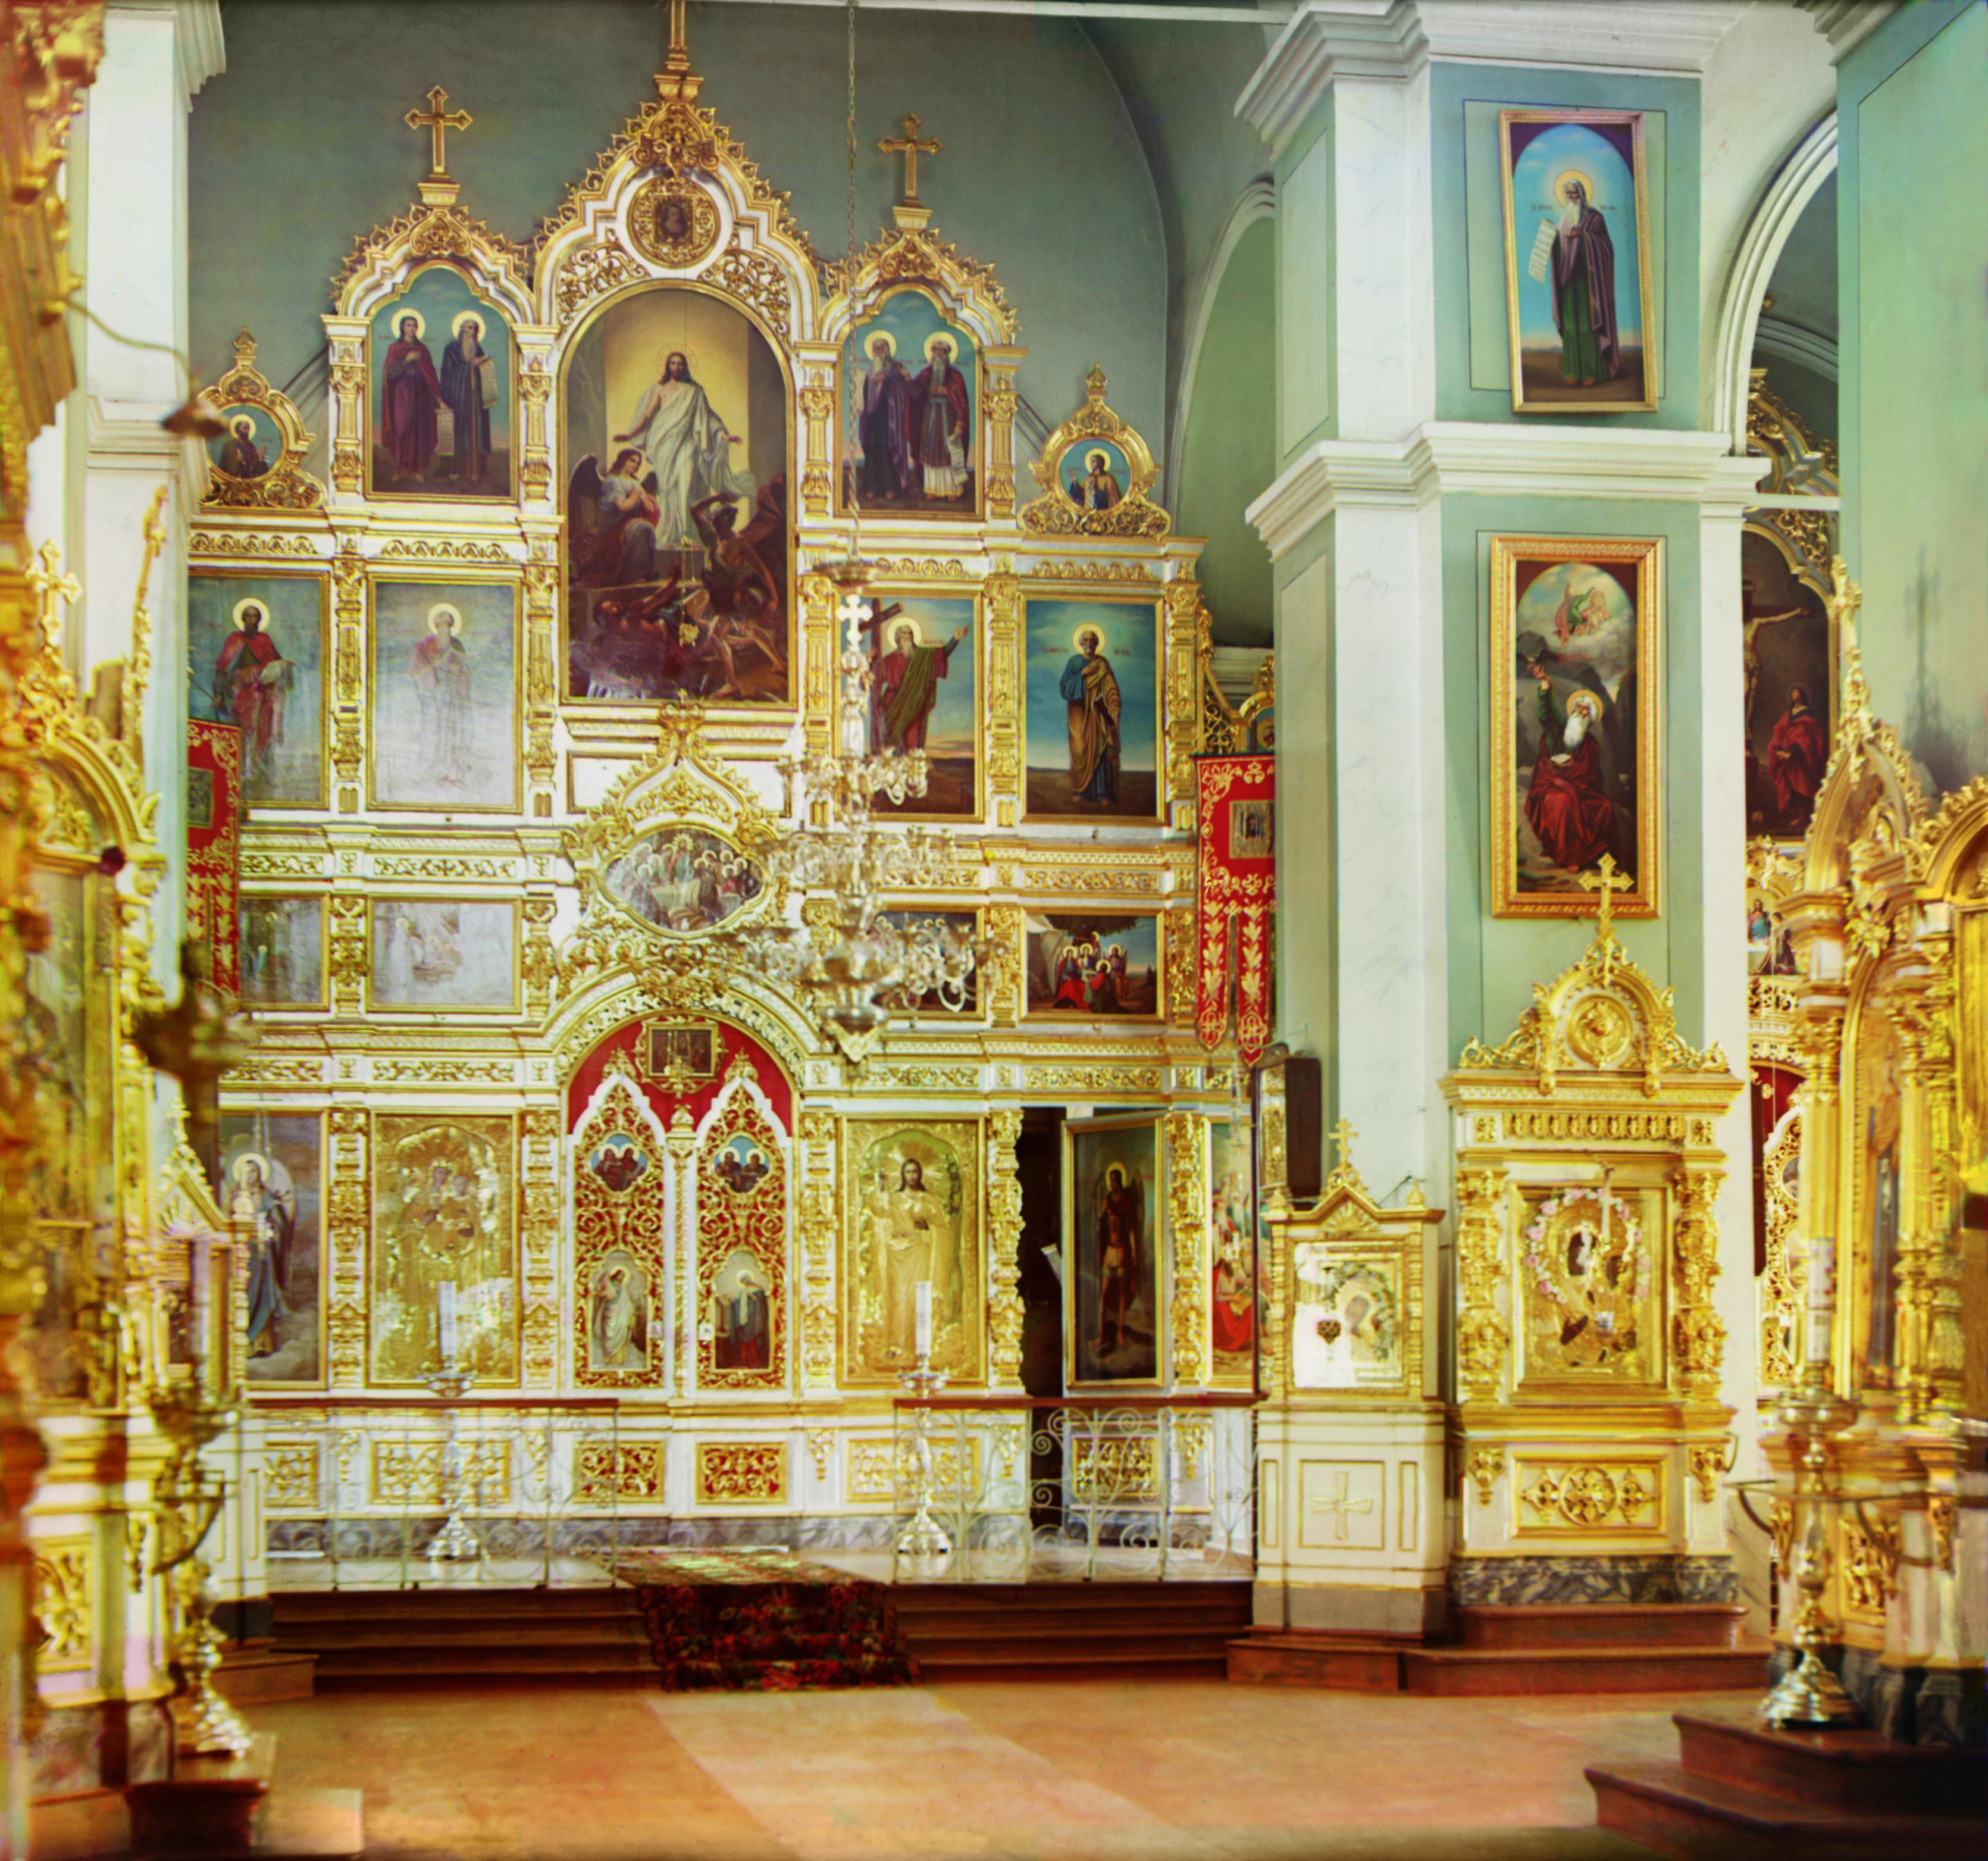 06. Иконостас в соборе Похвалы Пресвятой Богородицы